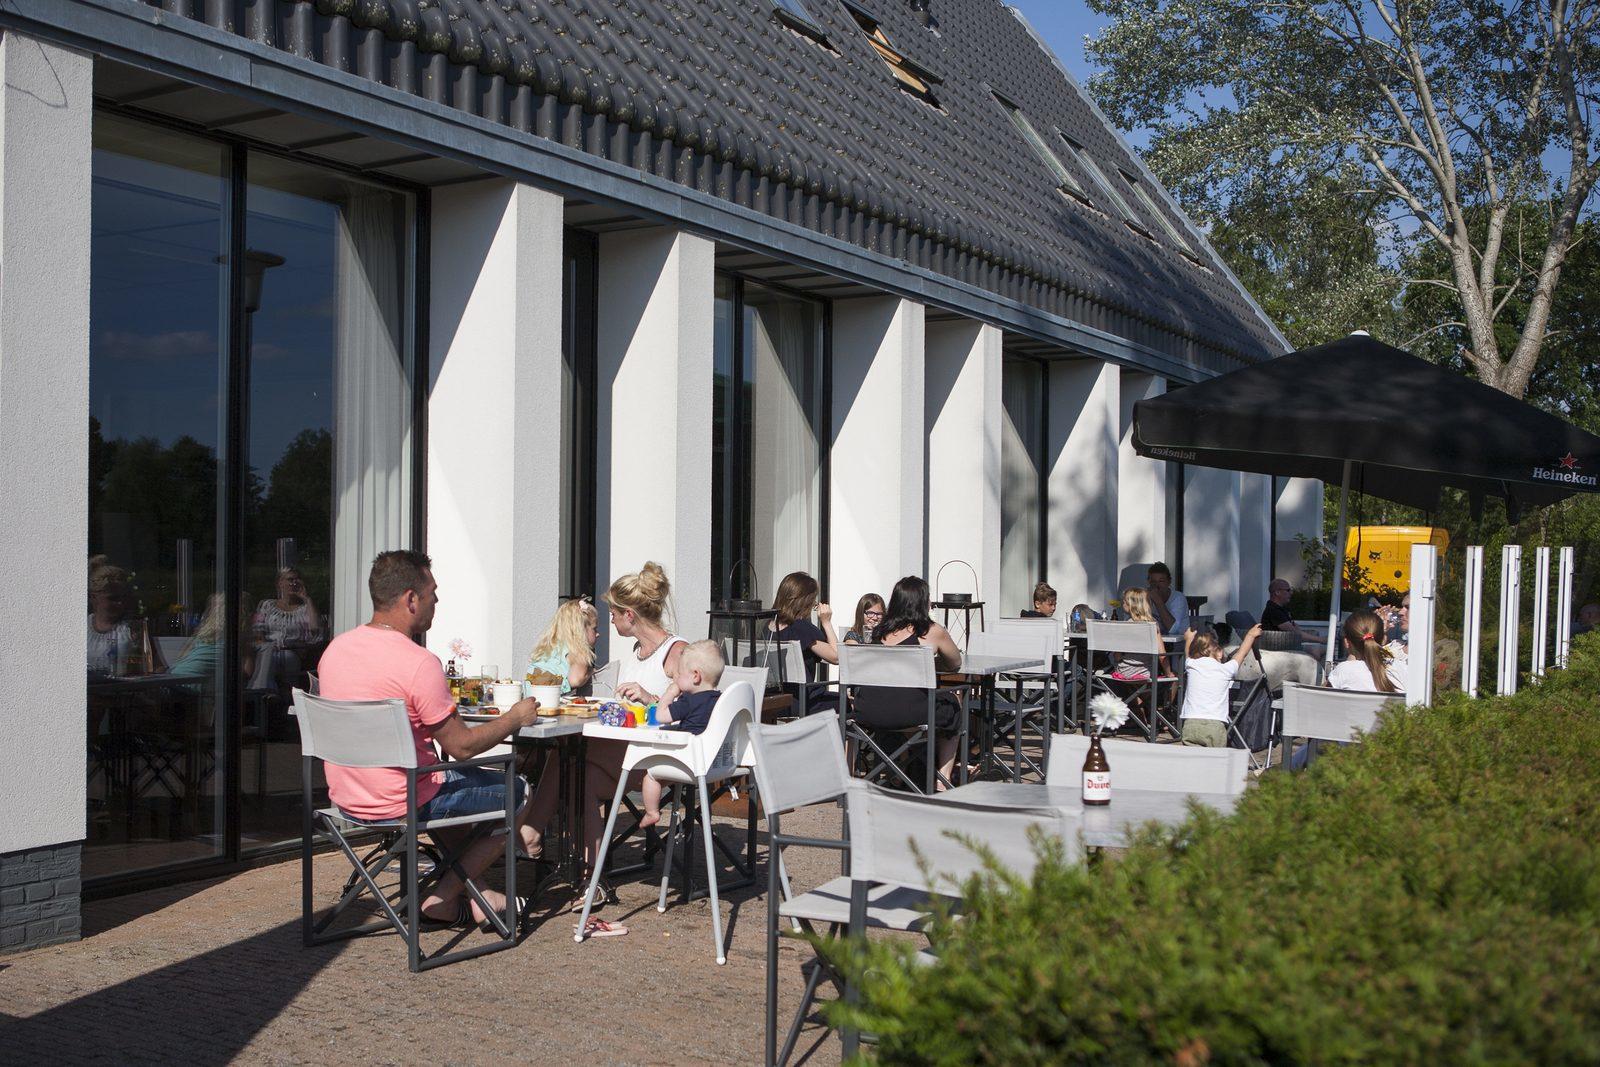 Nieuw restaurant & eventlocatie!